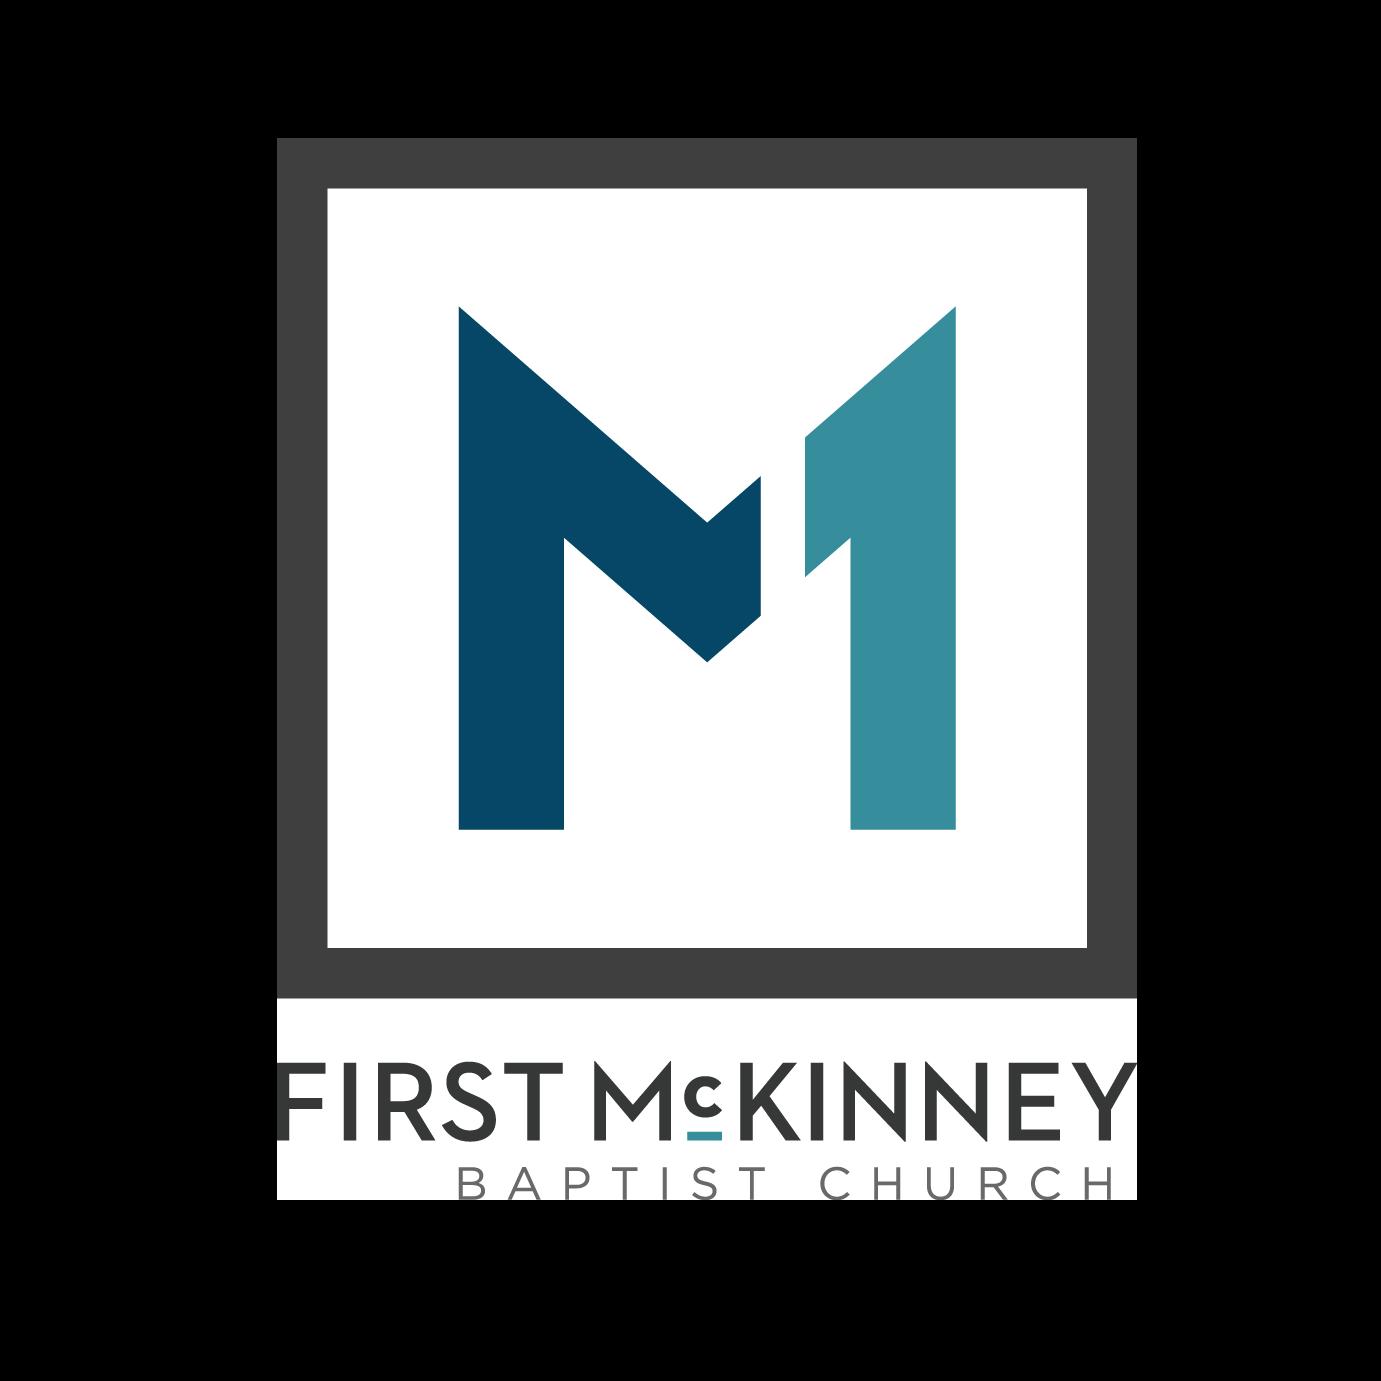 First McKinney Listen Line